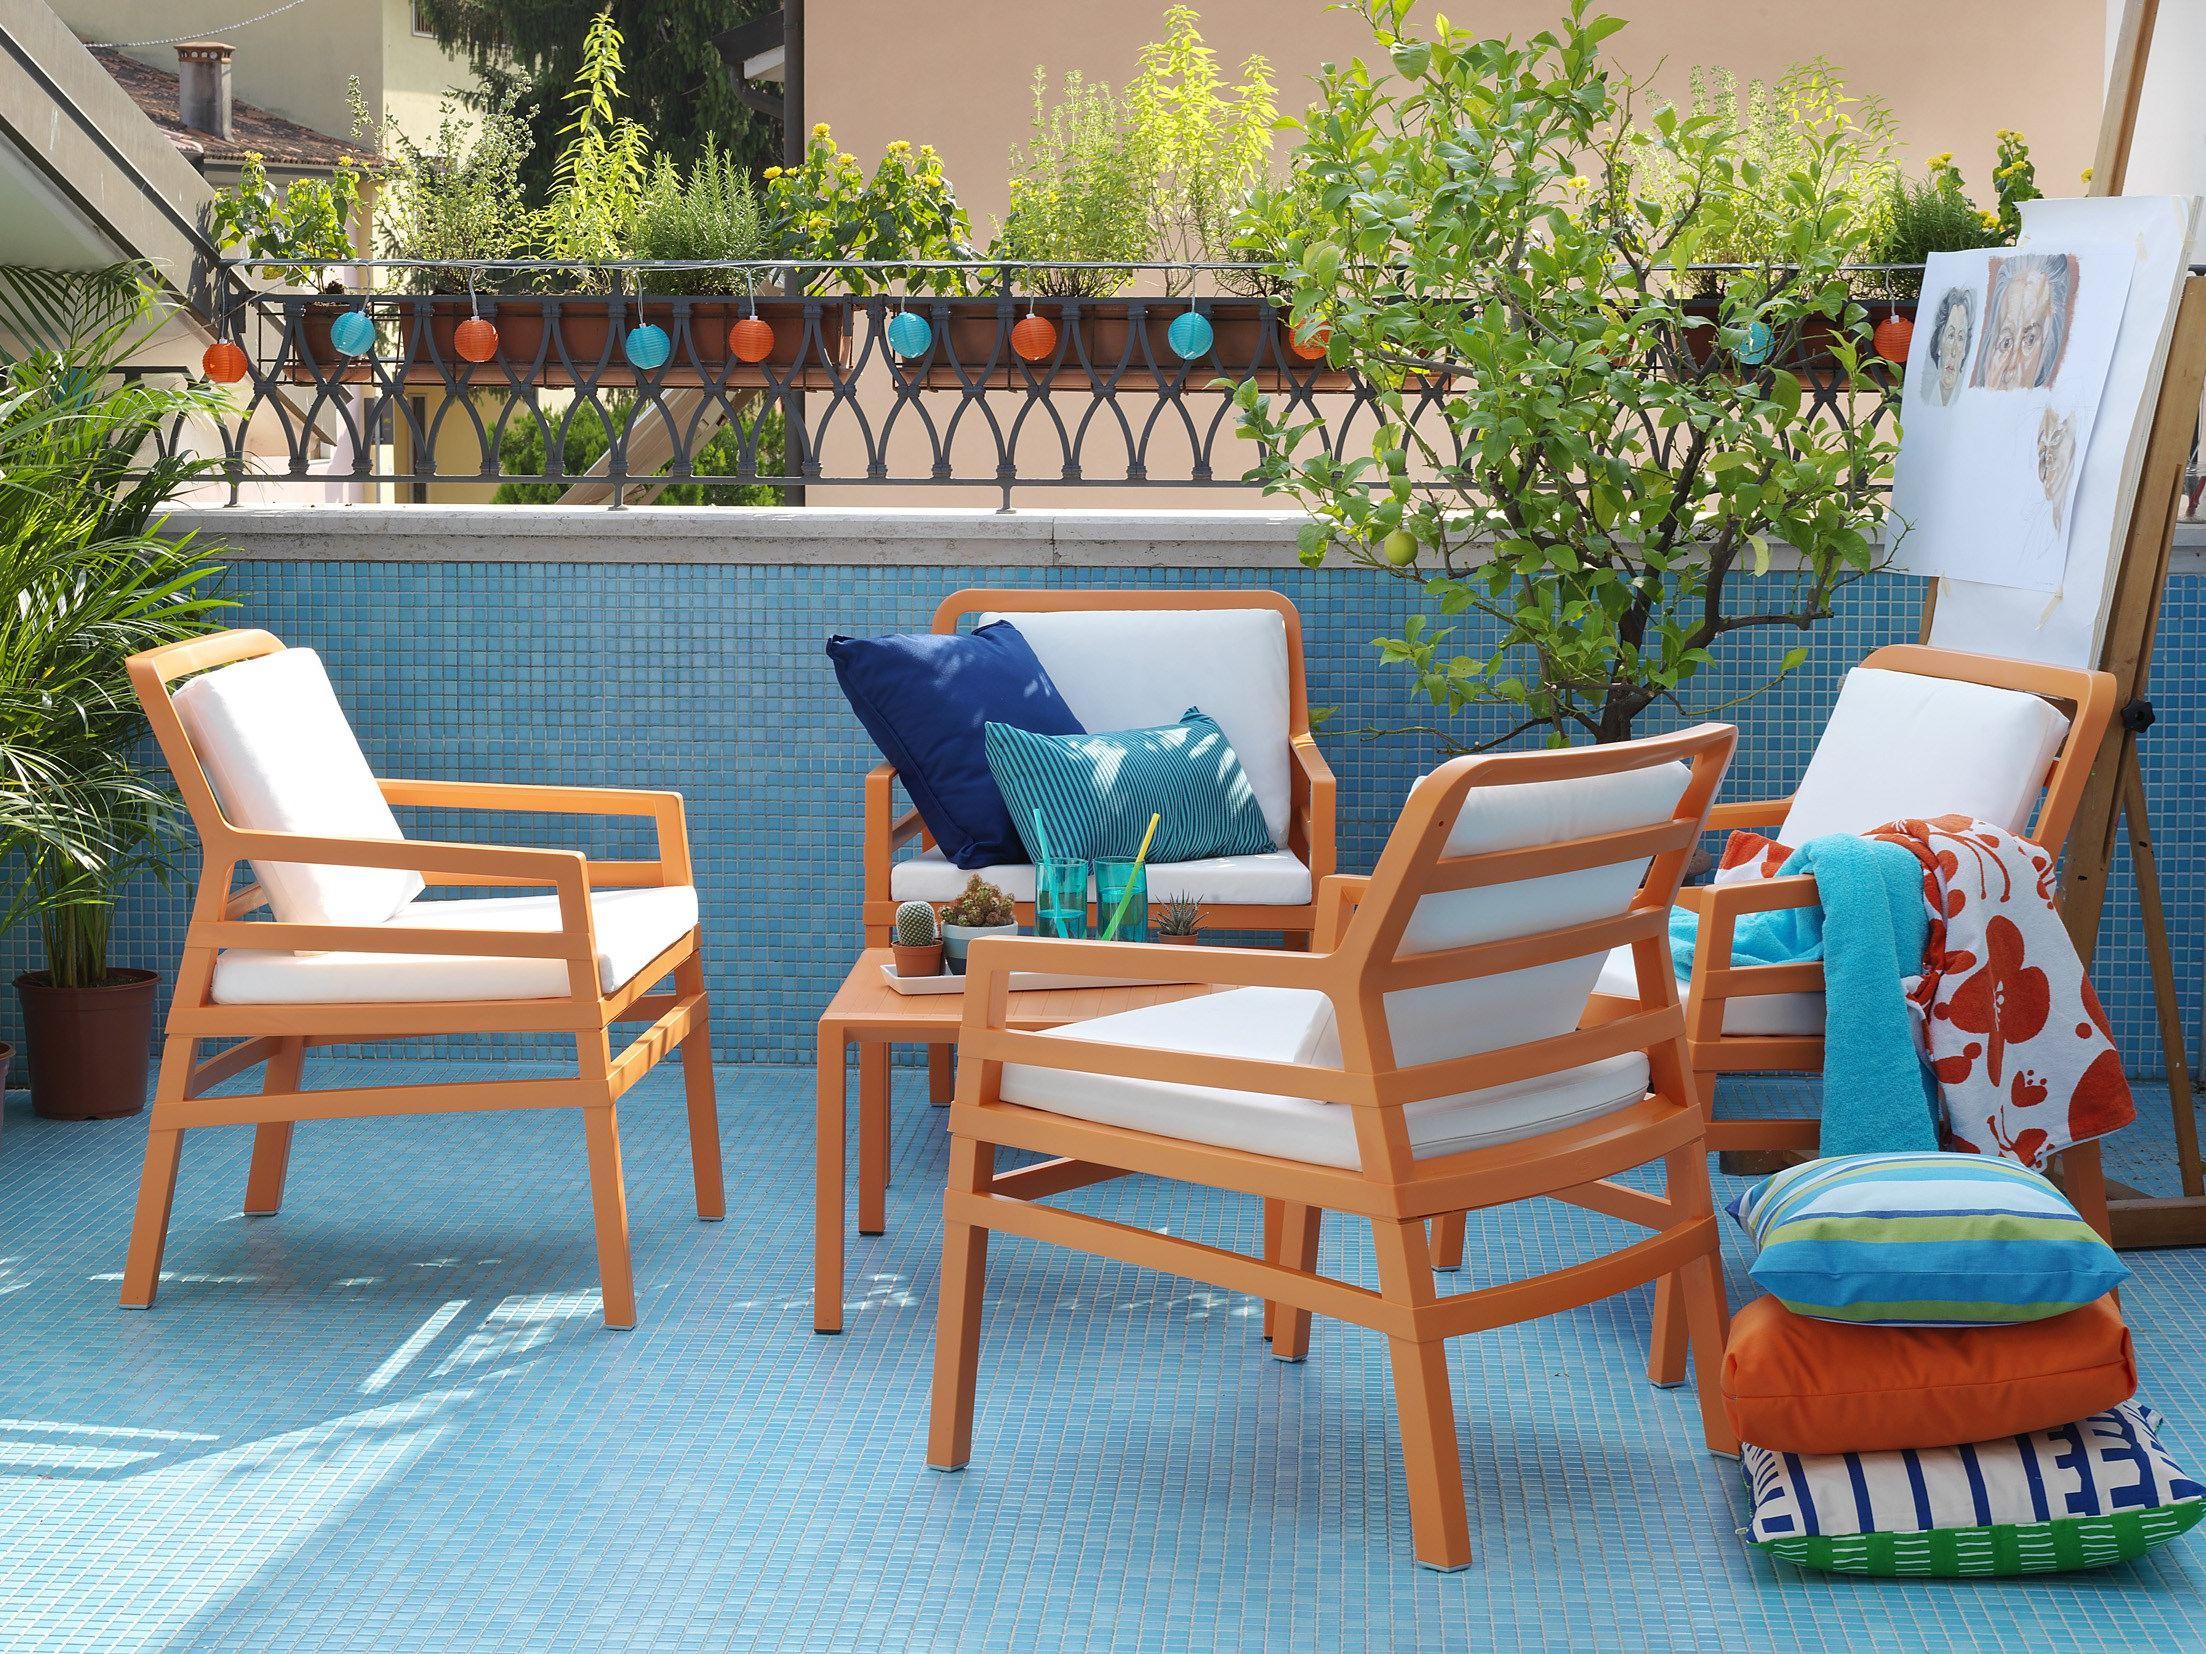 Mesas y sillas de exterior flores castillon for Mesas y sillas para exterior